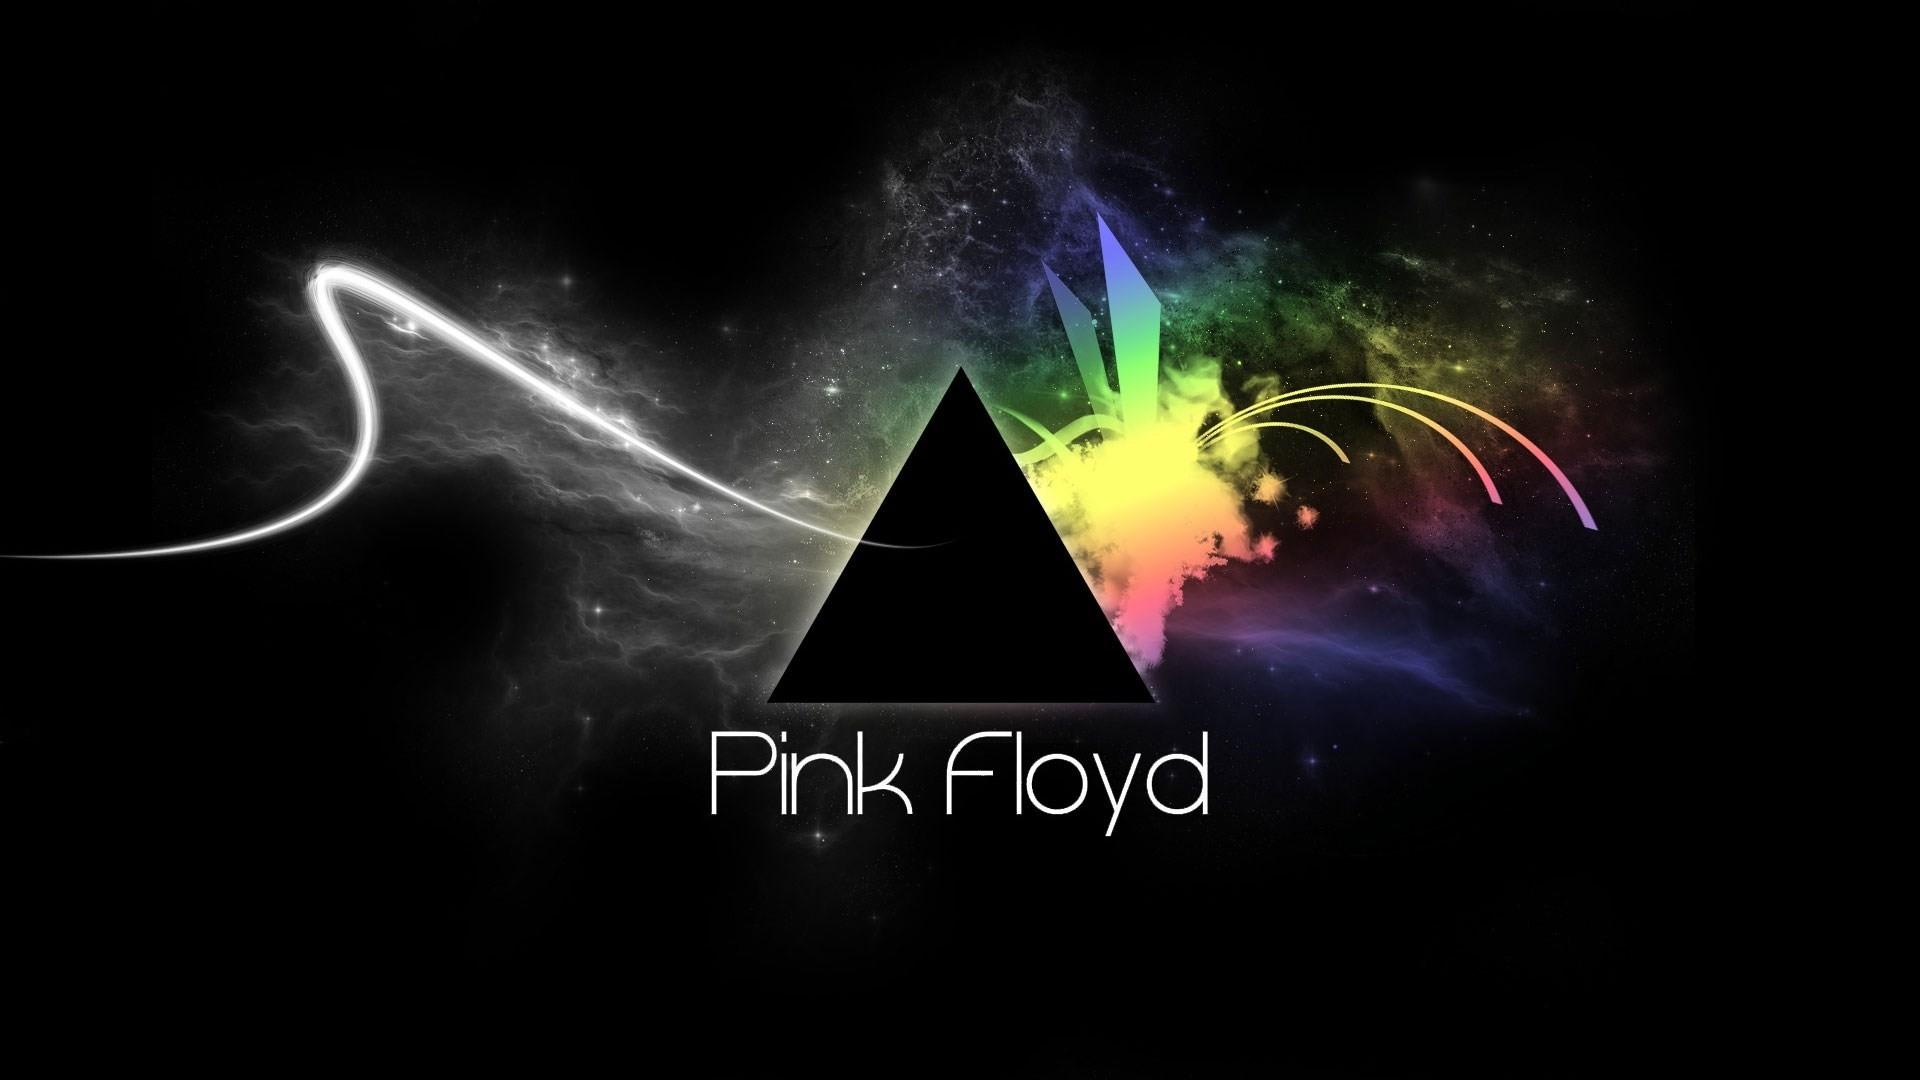 Pink Floyd Live Wallpaper (67+ images)